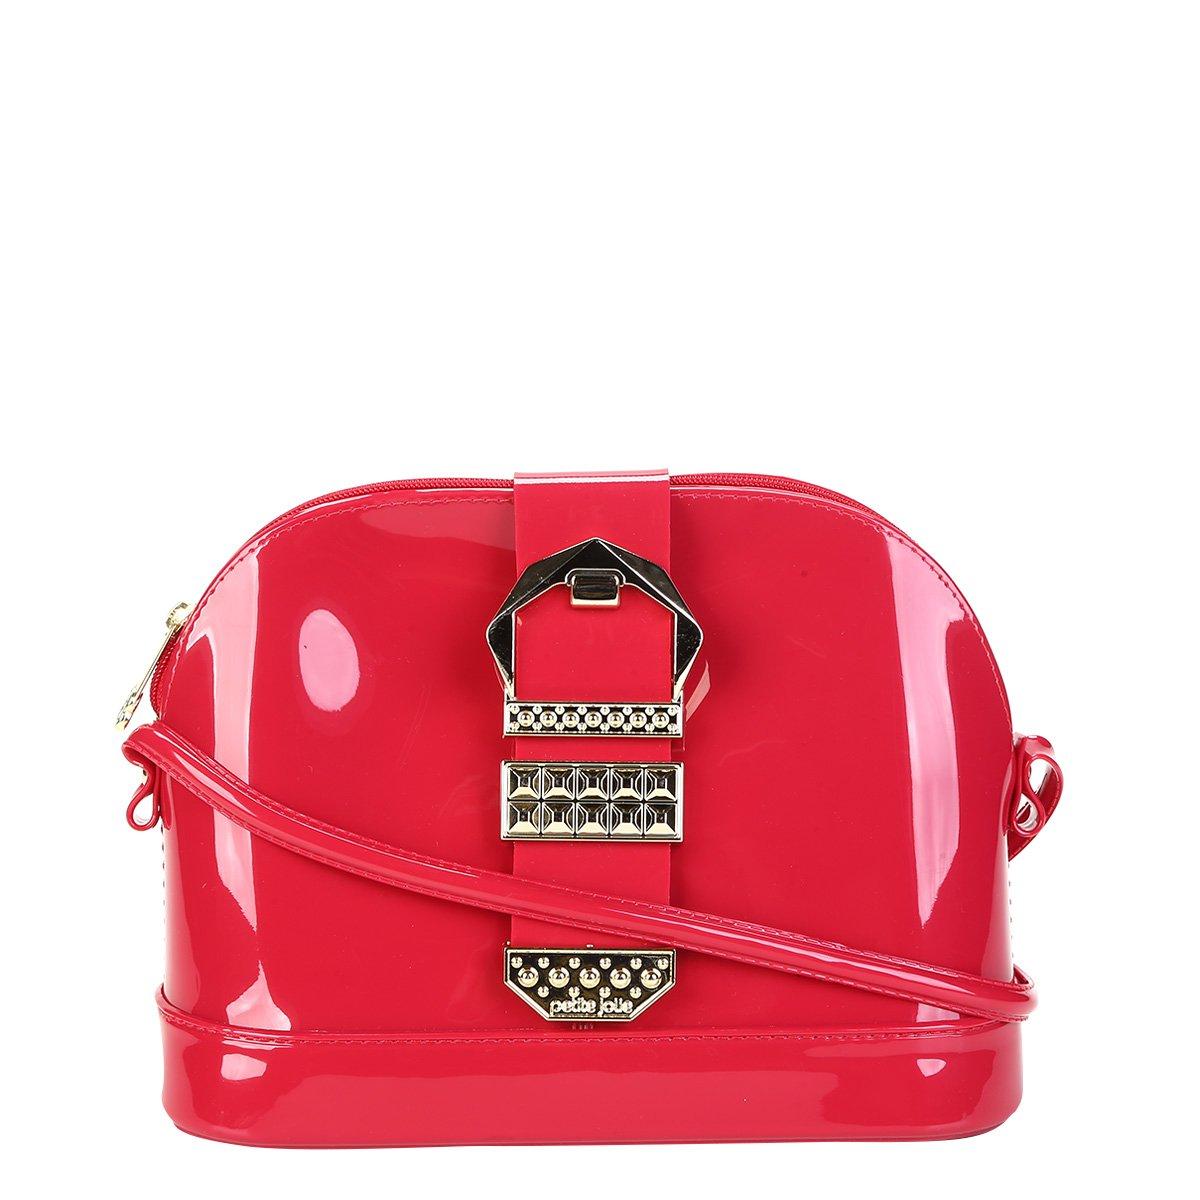 cd200b2bd Bolsa Petite Jolie Mini Bag Mind Bag Feminina